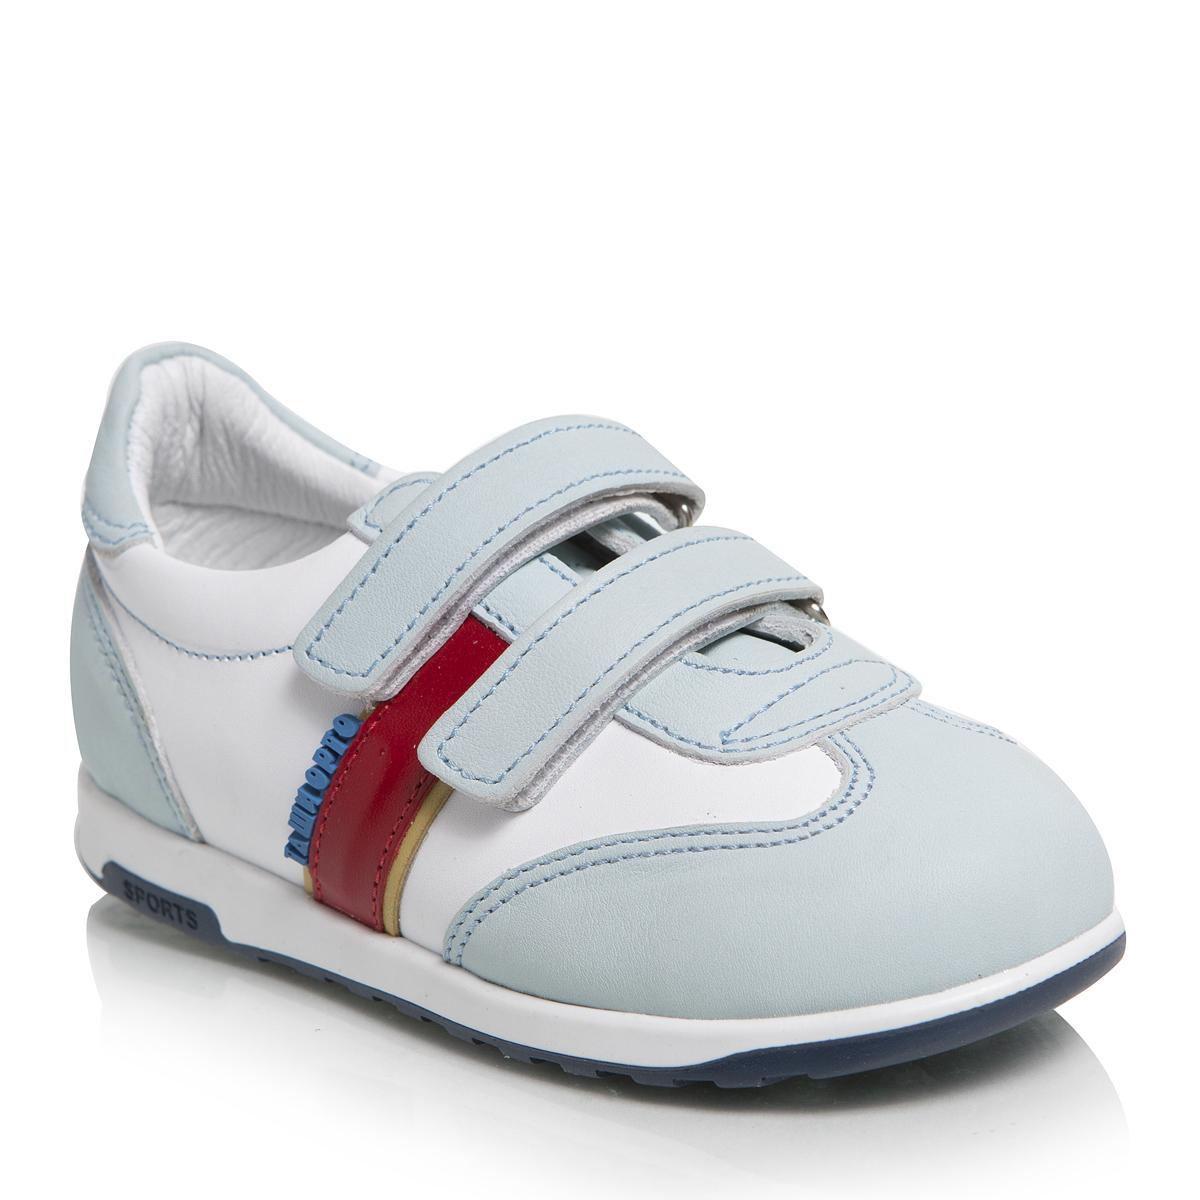 Кроссовки для мальчиков. 271-10271-10ТАШИ ОРТО - детская профилактическая ортопедическая обувь массового производства. Ее можно носить не только детям с признаками плоскостопия и косолапия , но и для профилактики подобных отклонений. А многим детям ортопедическая обувь НЕОБХОДИМА для коррекции стопы, исправления походки и осанки.